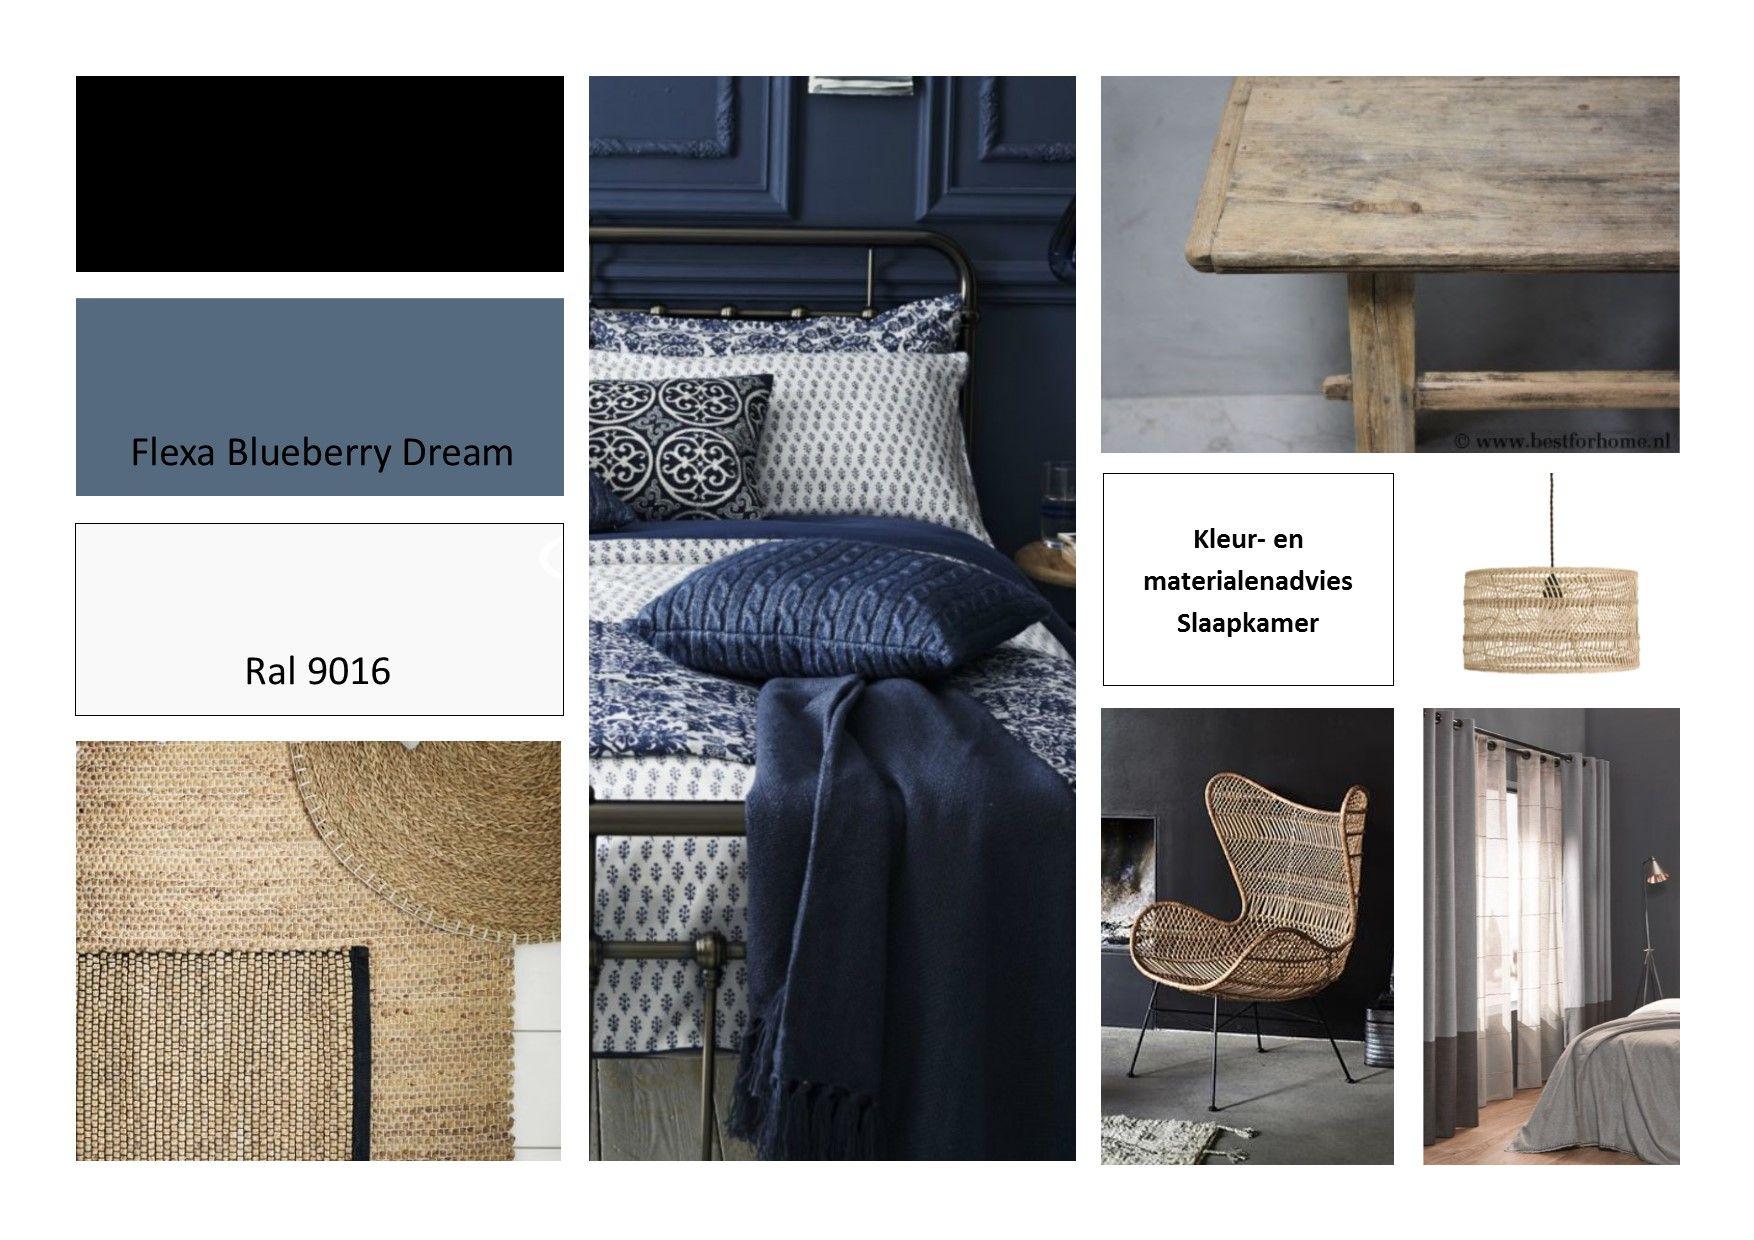 kleuradvies slaapkamer, bleuberry dream van flexa, antraciet en ral ...